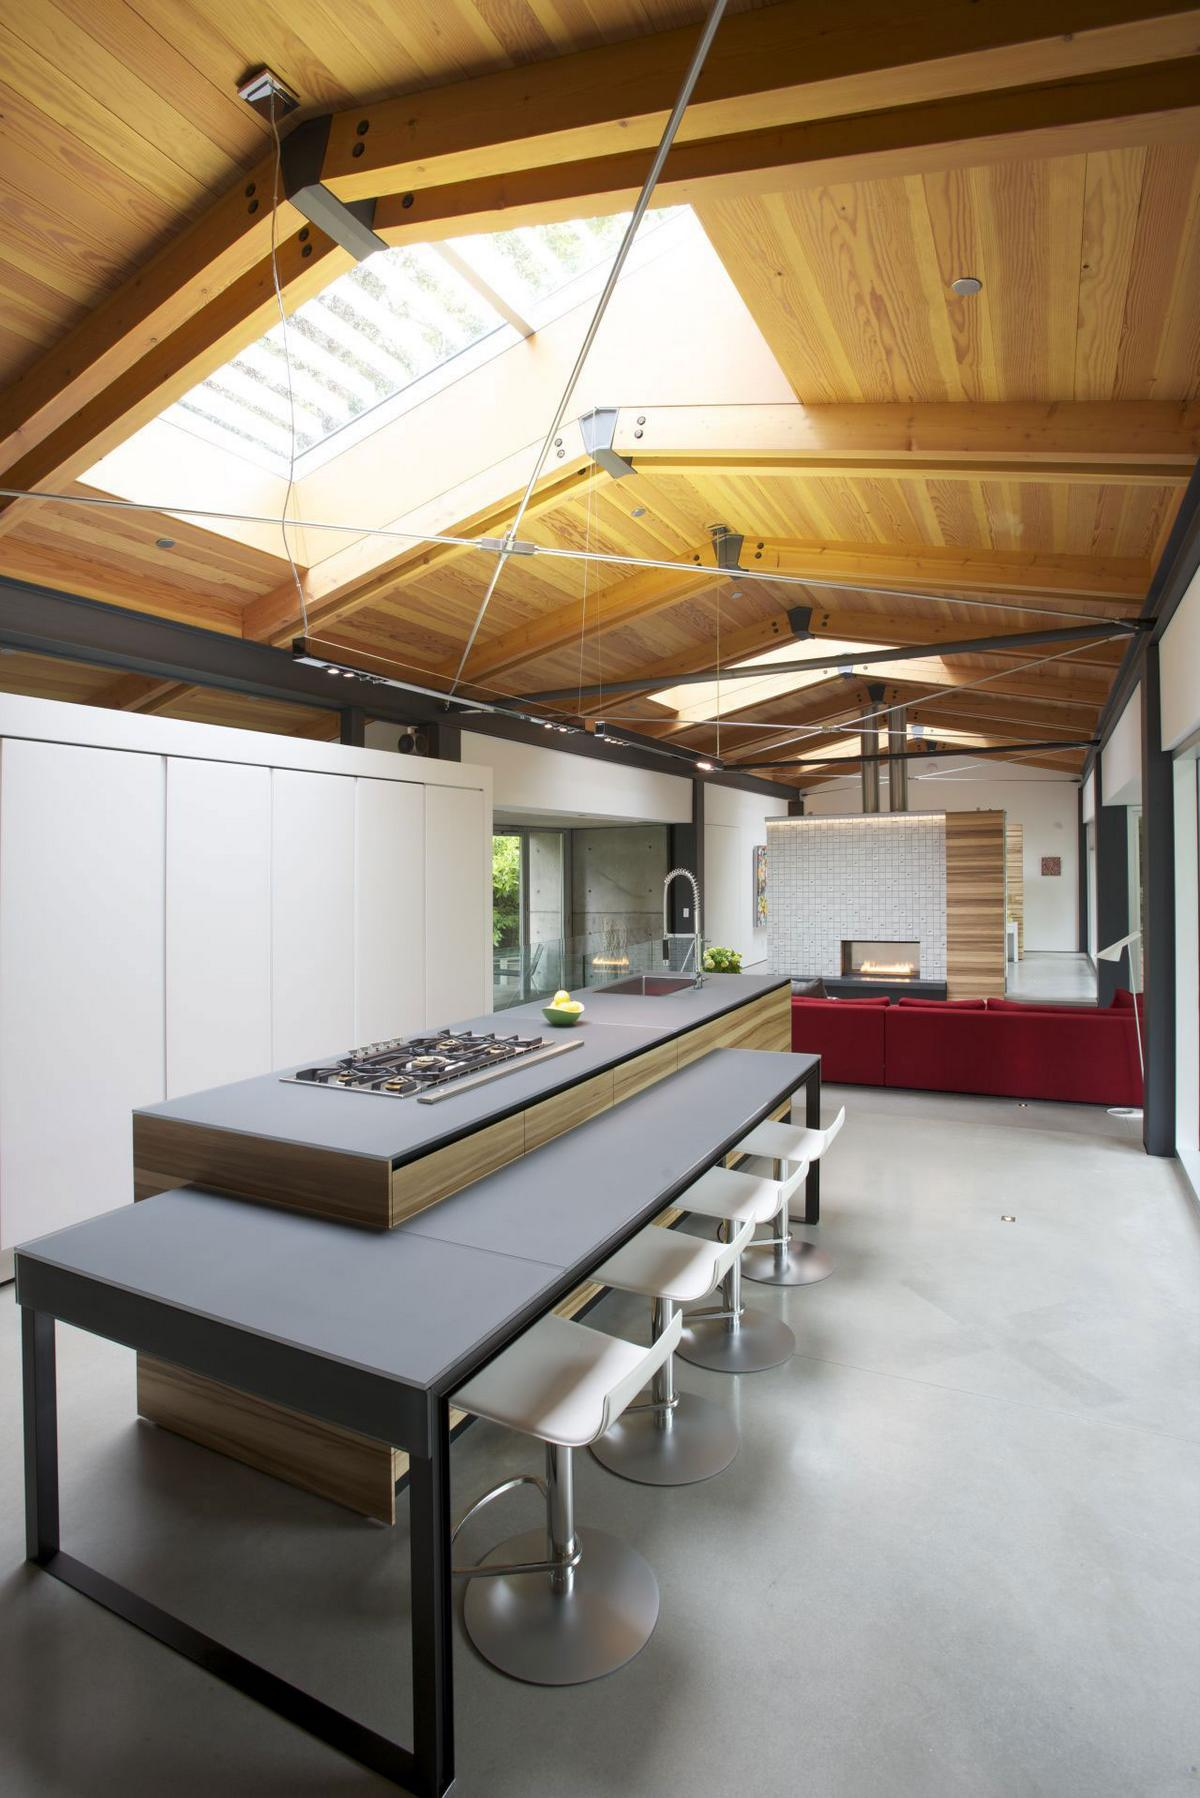 Проектное бюро DIALOG, Southlands Residence, частный дом в Ванкувере, дома в Британской Колумбии, резиденция в Канаде, частный дом в лесу, окна в крыше